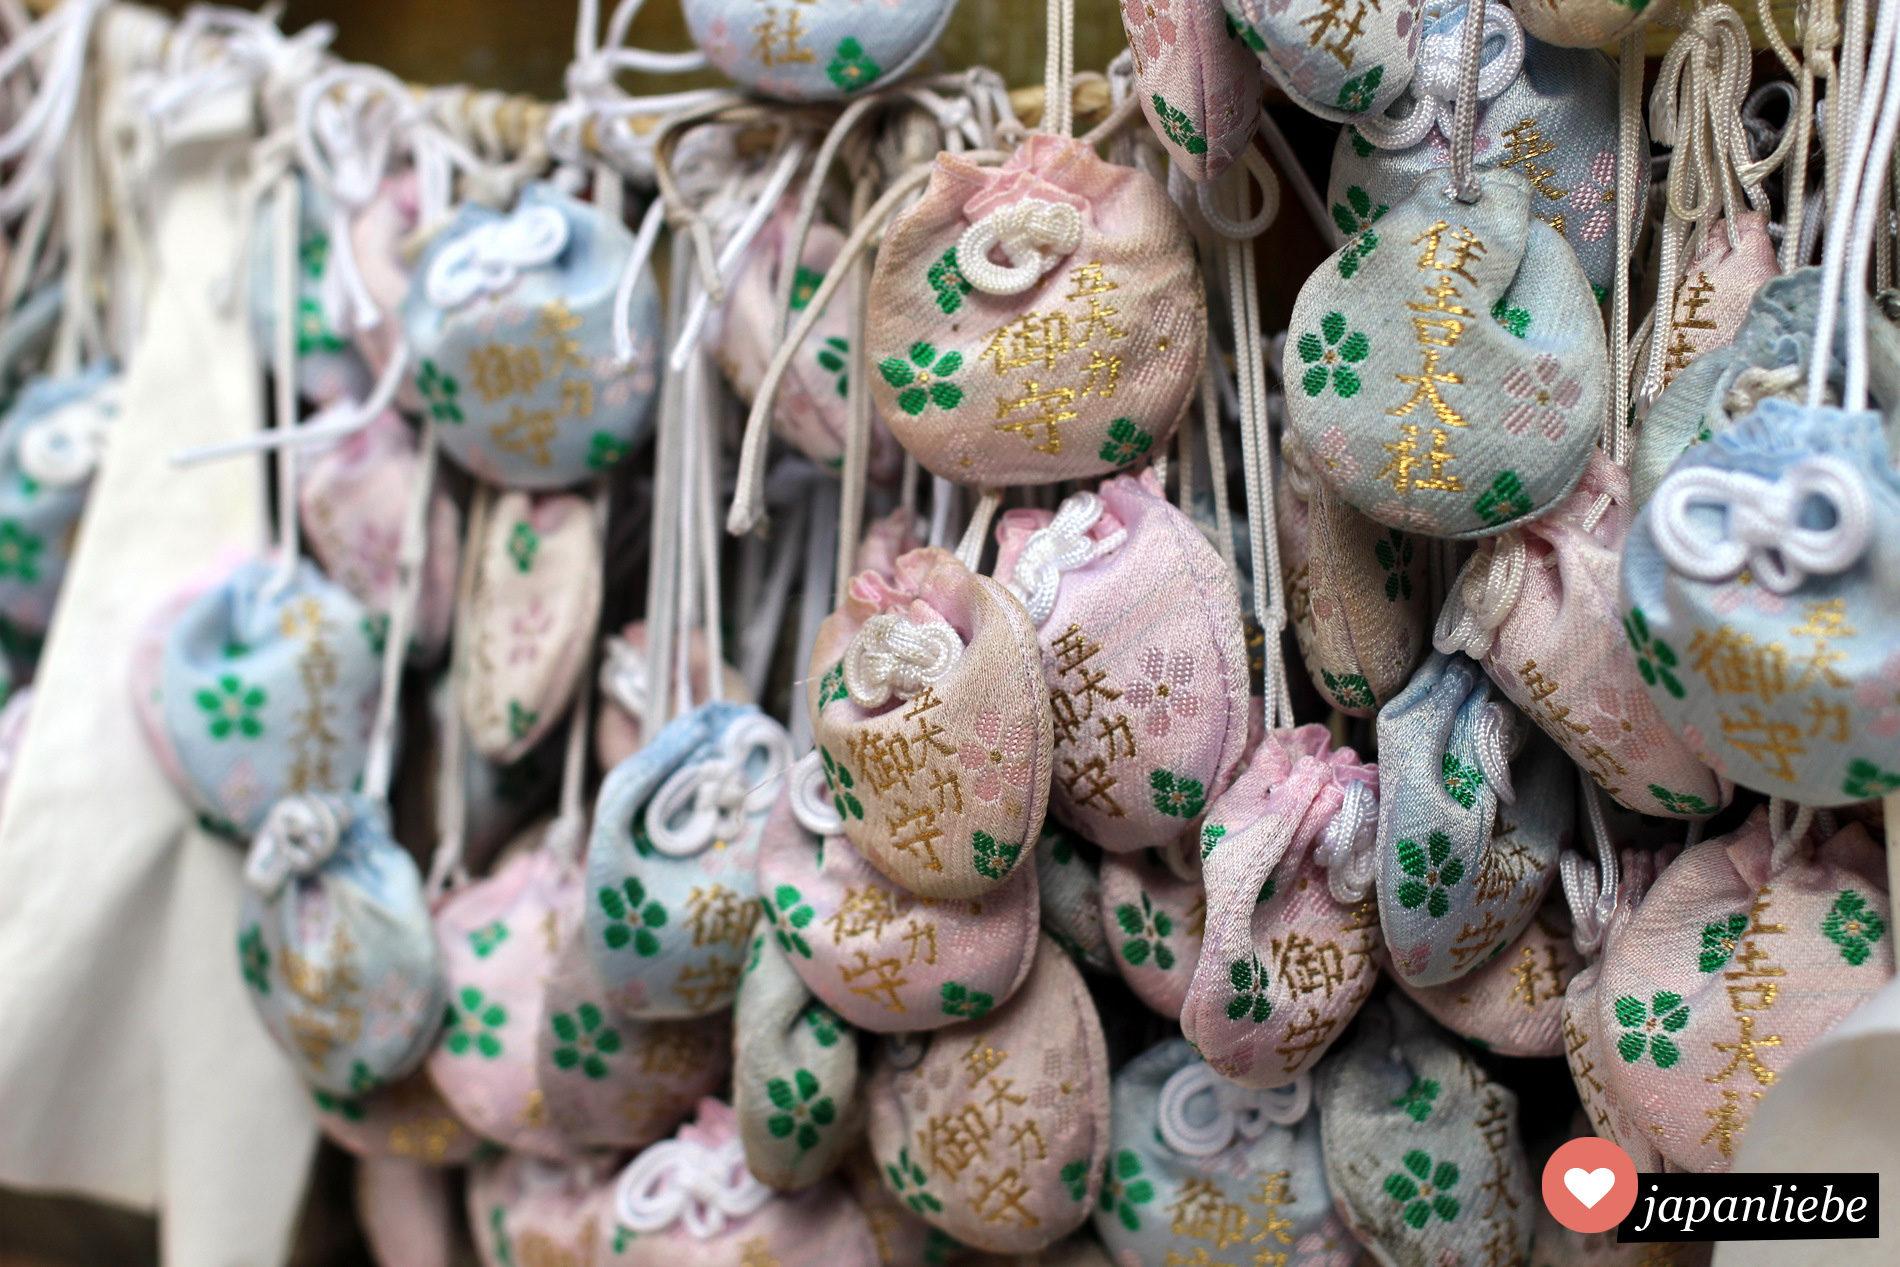 Nachdem man drei go dai riki Steine gesammelt hat, verstaut man sie in einem Beutel. So werden sie zum ganz persönlichen o-mamori Talisman.